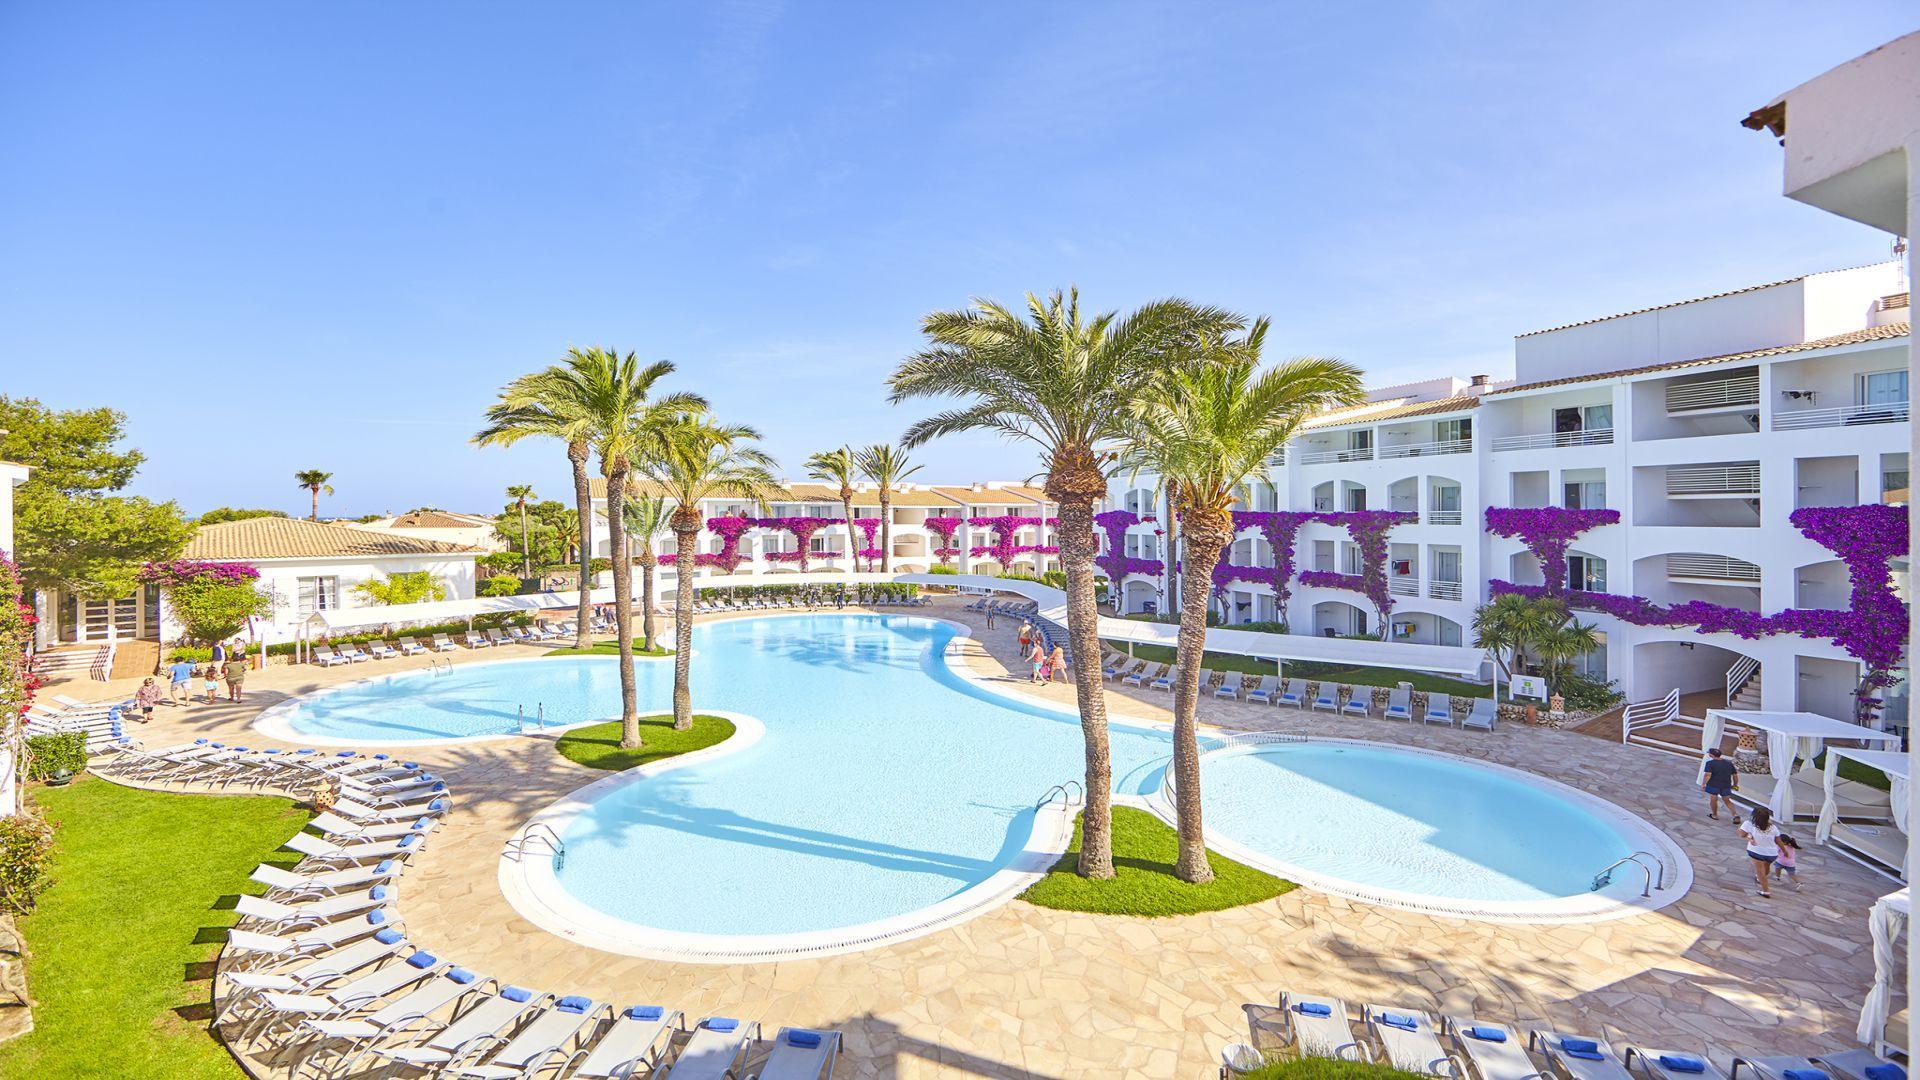 Hotel Prinsotel La Dorada Mallorca